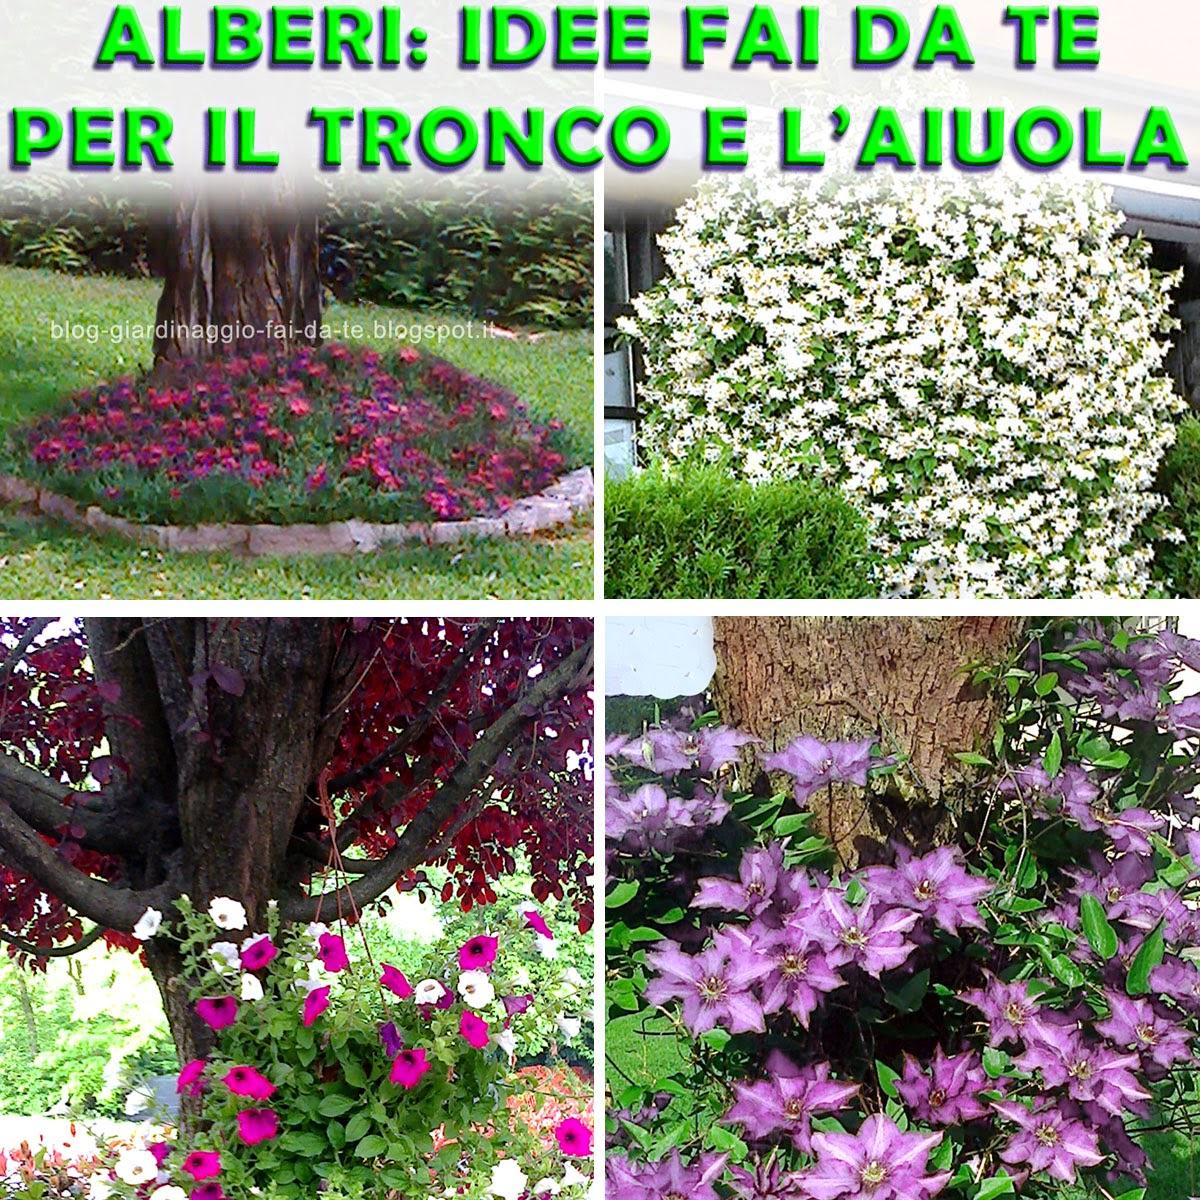 Bordure per aiuole fai da te holidays oo - Idee per aiuole giardino ...